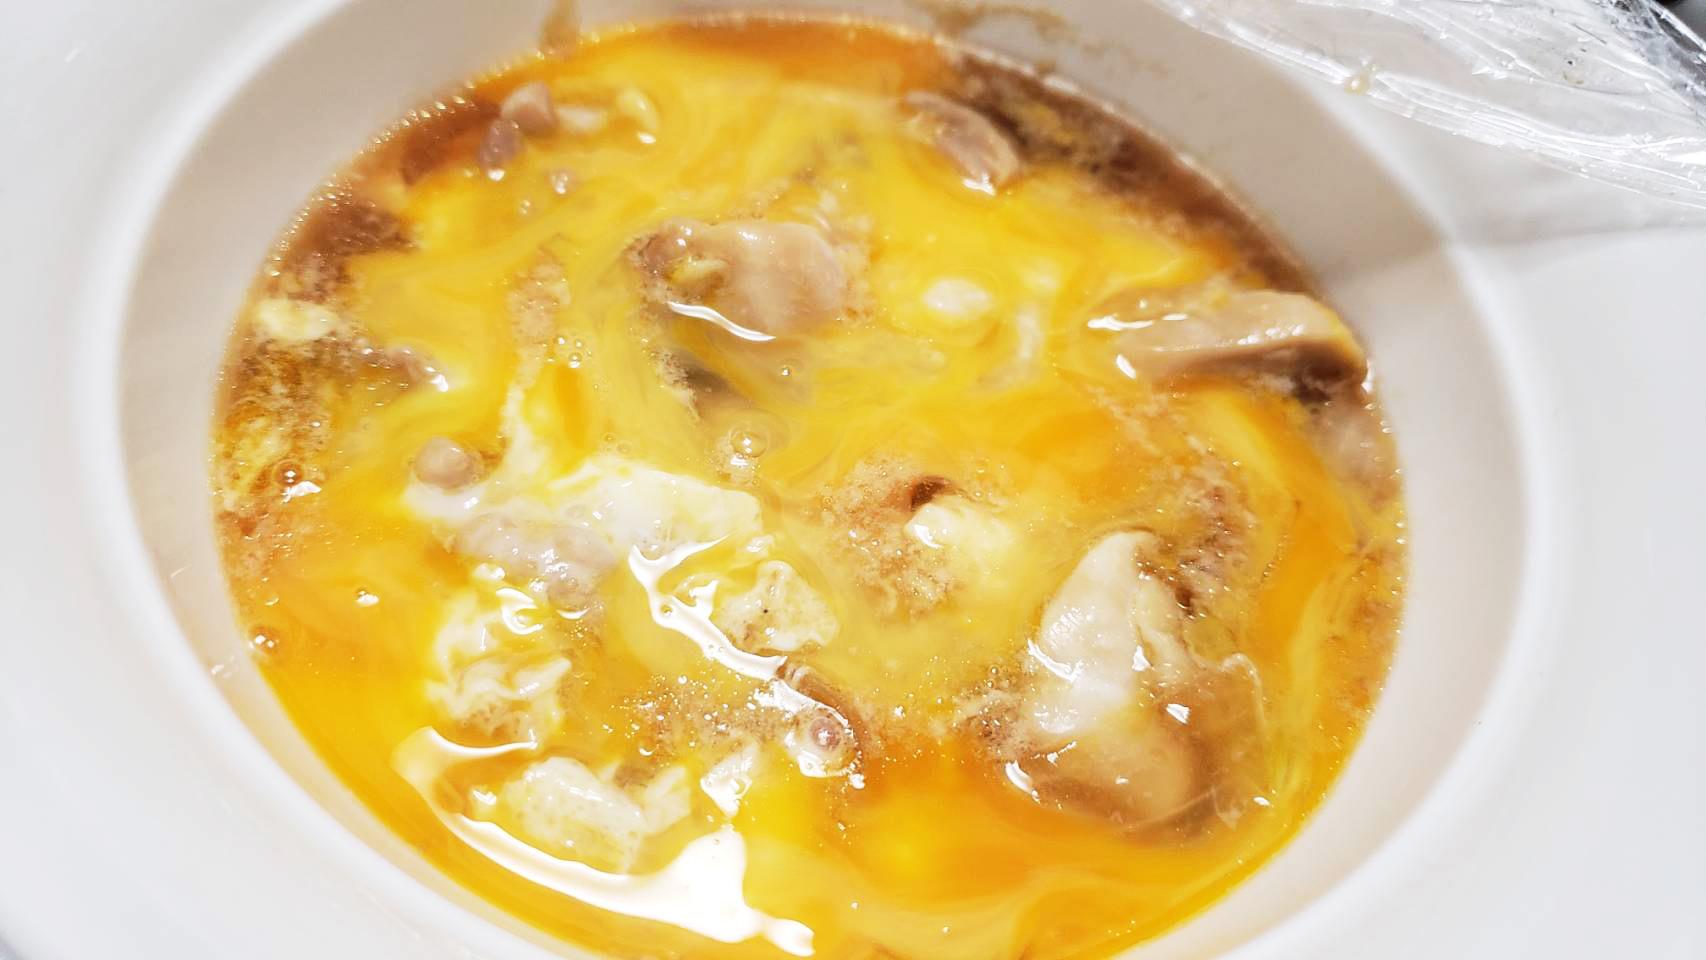 バズレシピ・リュウジさんの簡単レシピ。名店の味を家のレンジで再現!!「レンジで超とろとろ半熟親子丼」の作り方。ちょうどいいサイズの丼にひと口大にぶつ切りした鶏もも肉、薄くスライスした玉ねぎ、★を入れてフワッとラップをし、レンジで4分(600w)加熱する。それに軽く溶いた卵1個分を入れラップしてレンジで40秒(600w)加熱して混ぜる。残りの溶き卵1個分を入れレンジで40秒(600w)加熱し、ご飯にのせたら完成